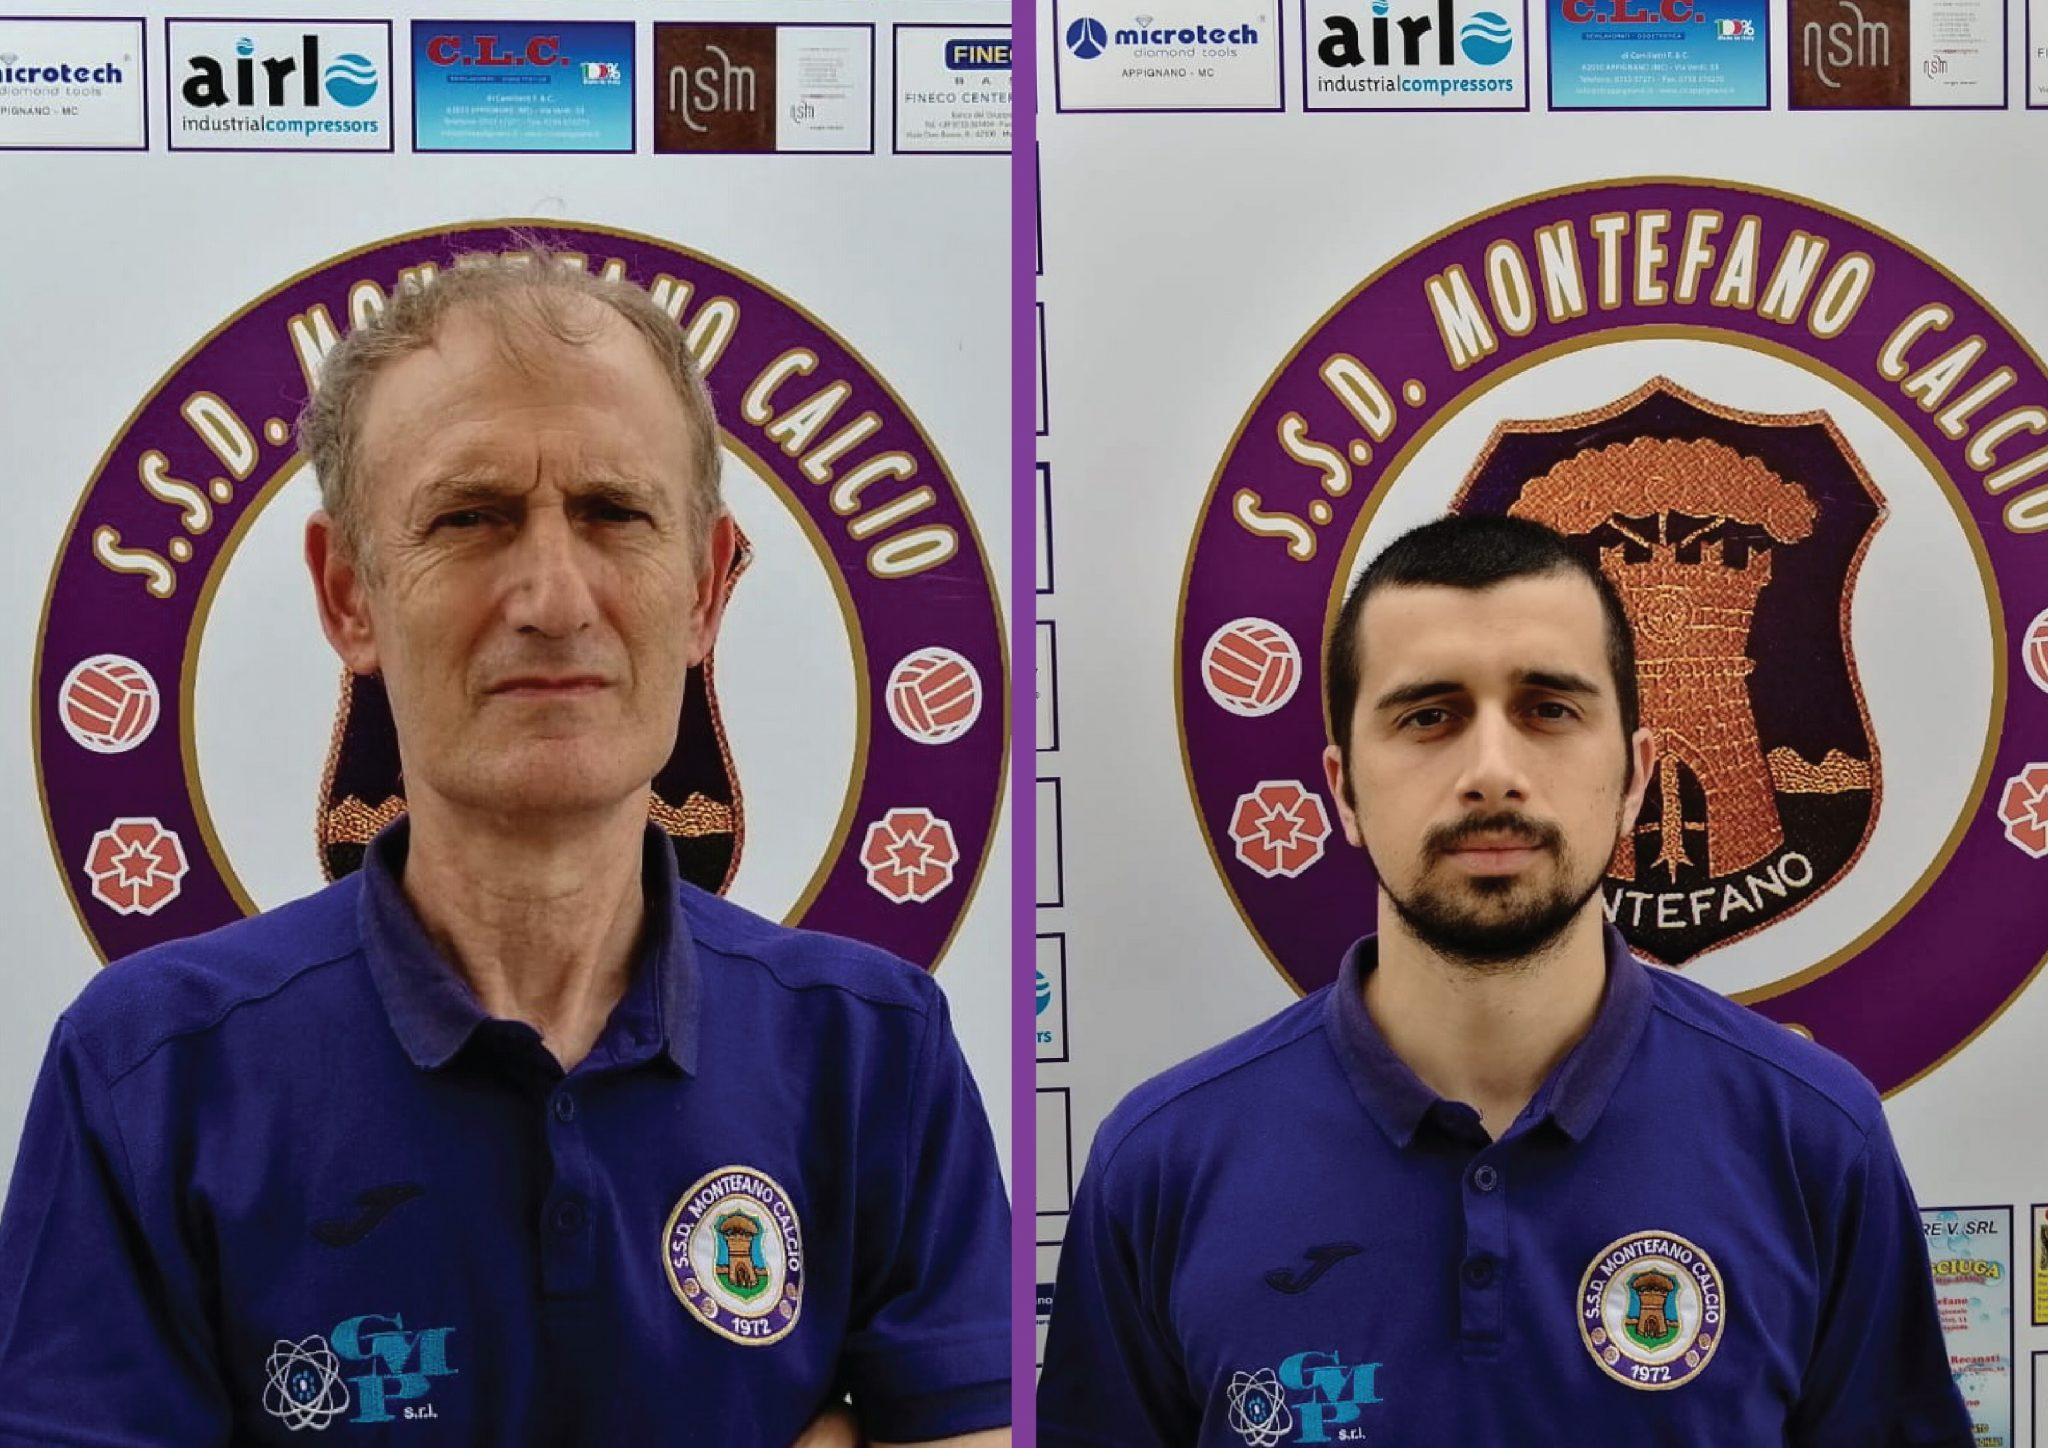 Montefano, due nuovi allenatori nel Settore Giovanile